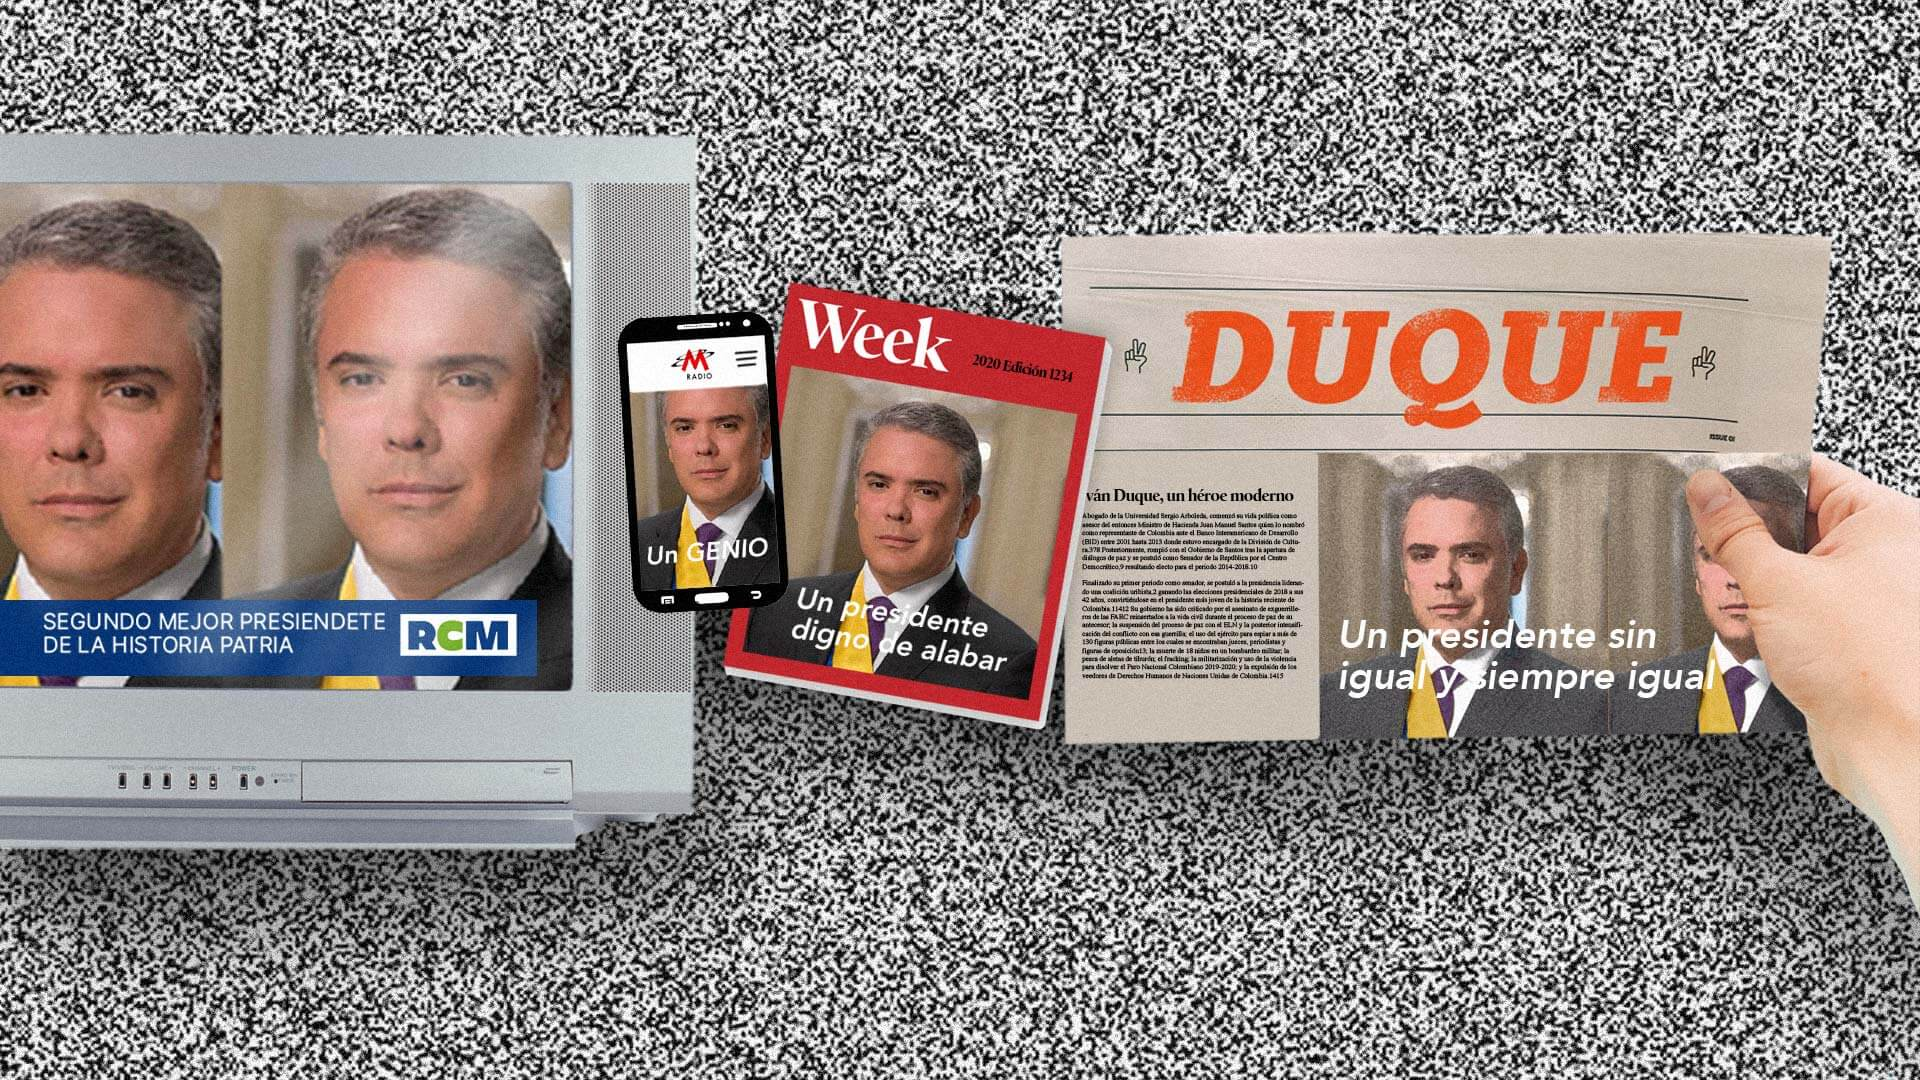 Manual de Duque para adueñarse de la opinión pública